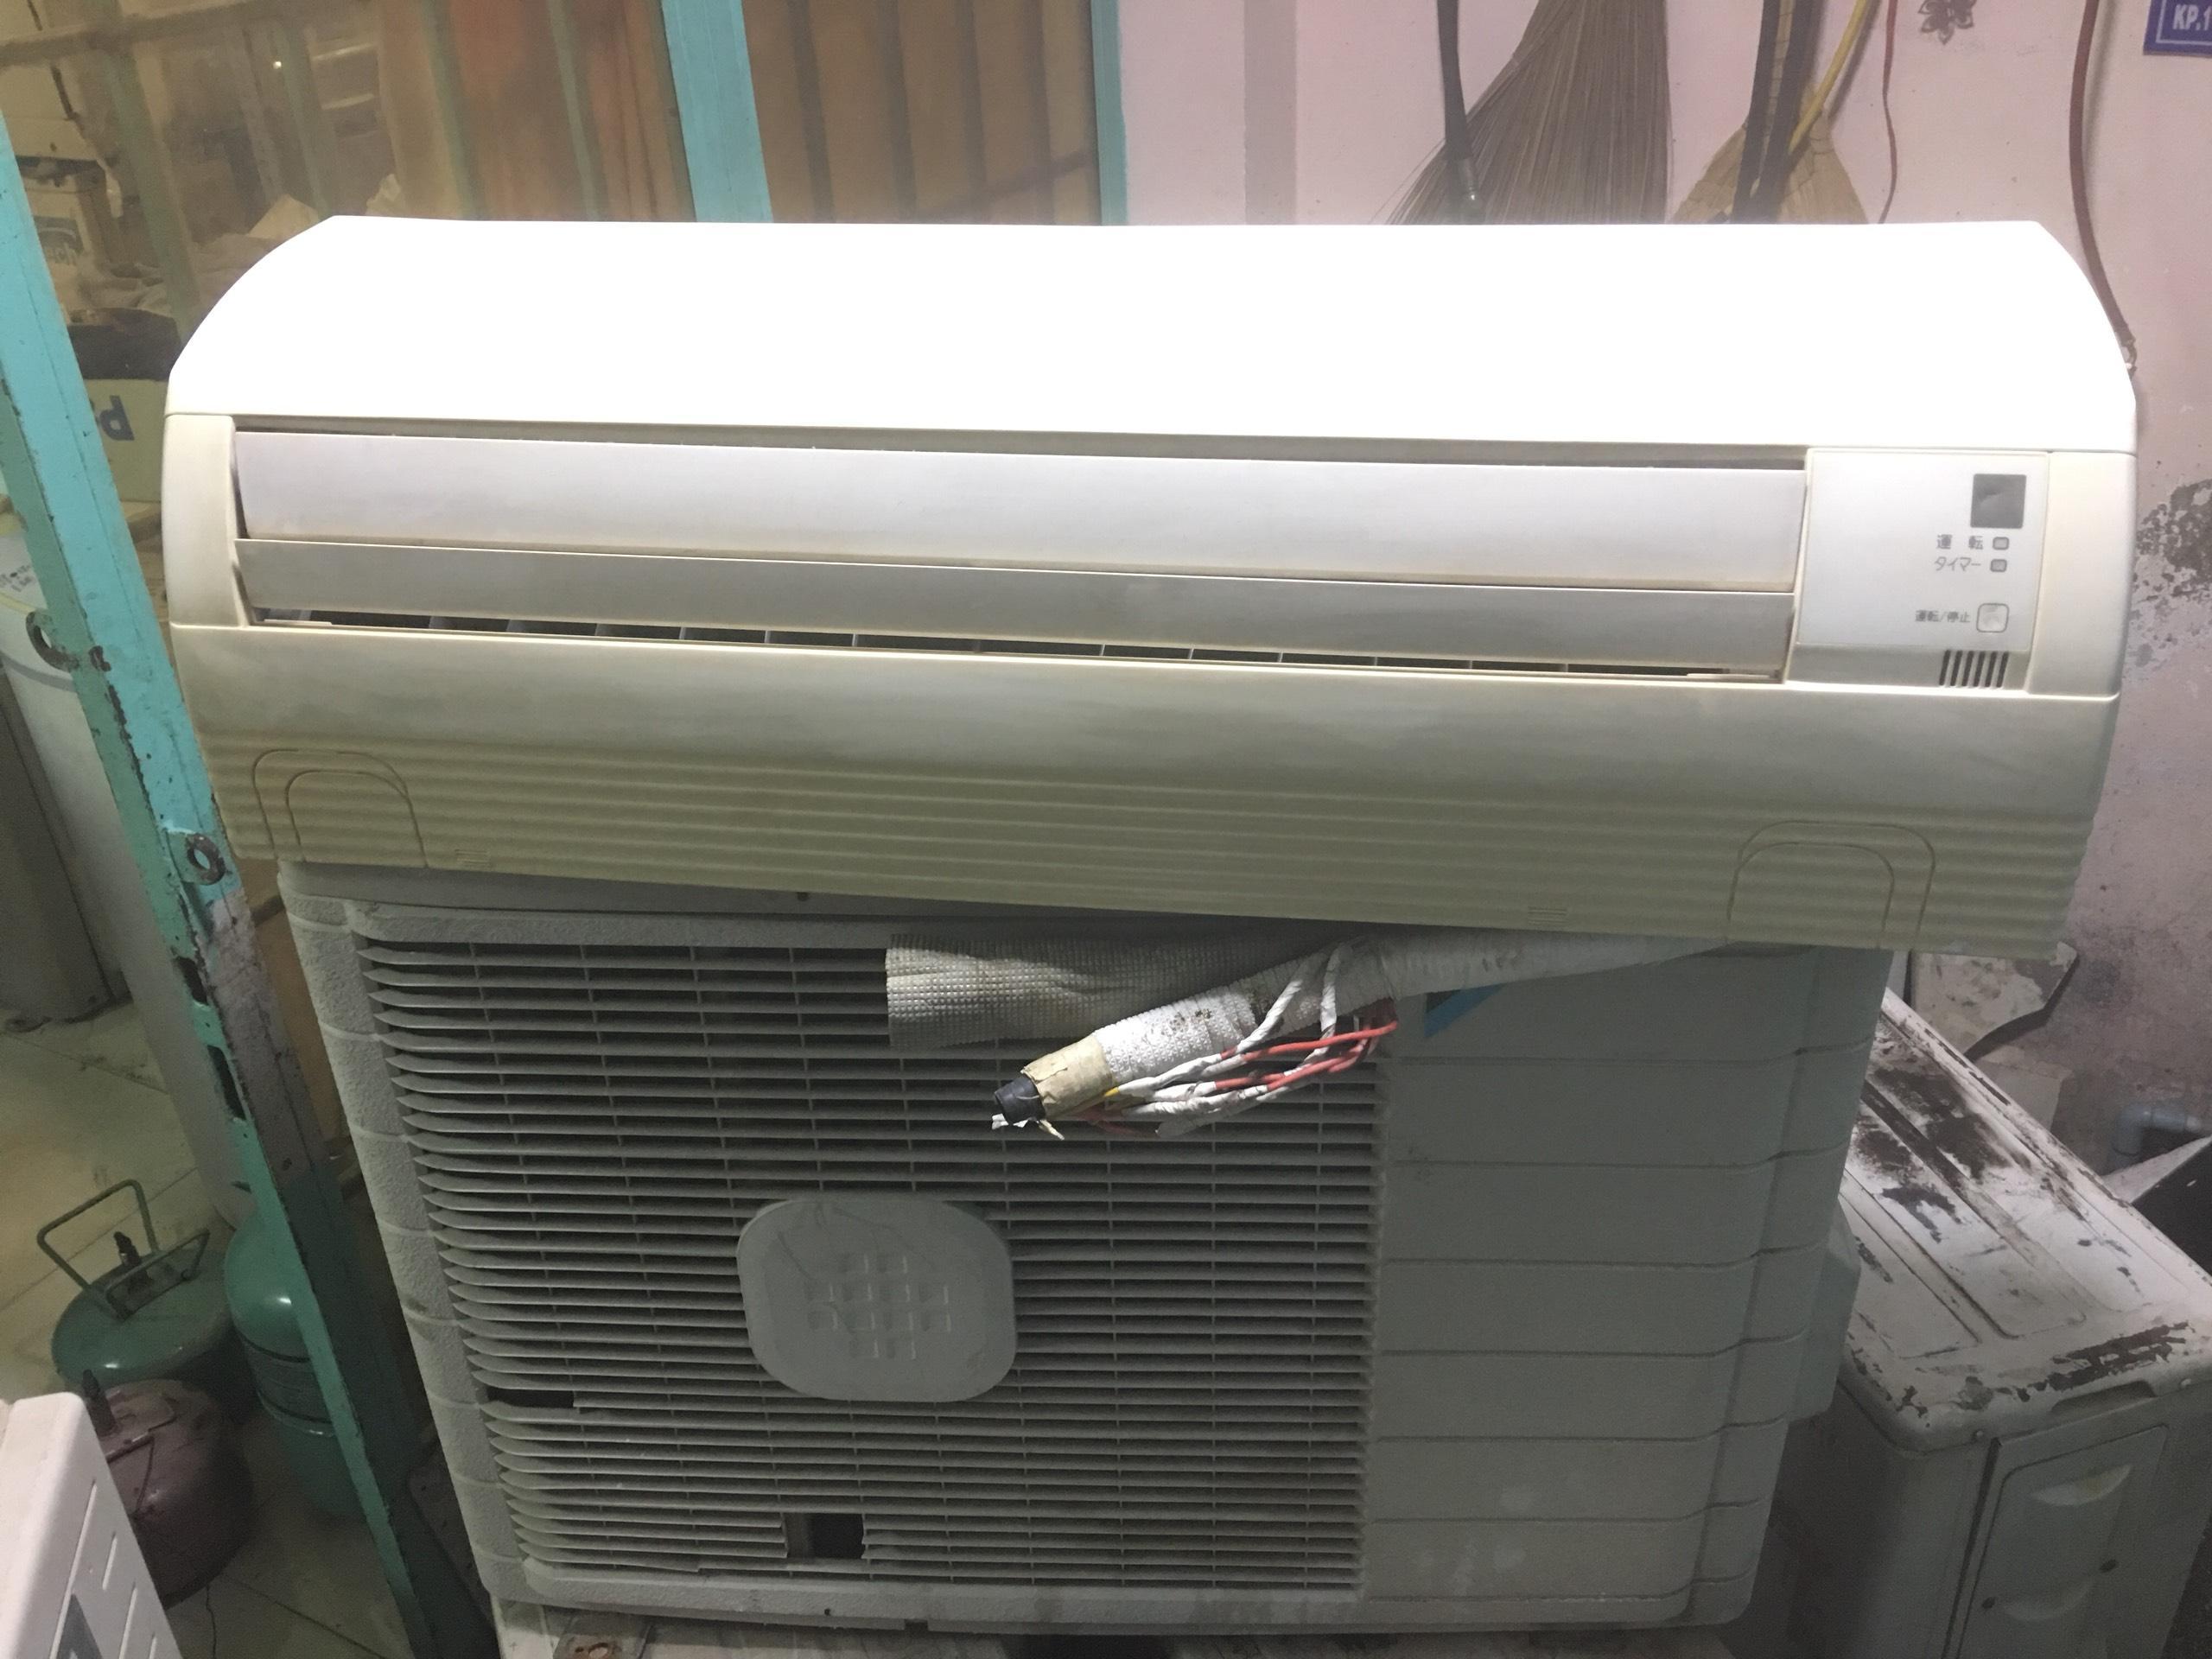 Bảng giá Máy lạnh cũ giá rẻ tiết kiệm điện Daikin 1HP inverter nội địa - bao lắp đặt(chỉ nội thành HCM)